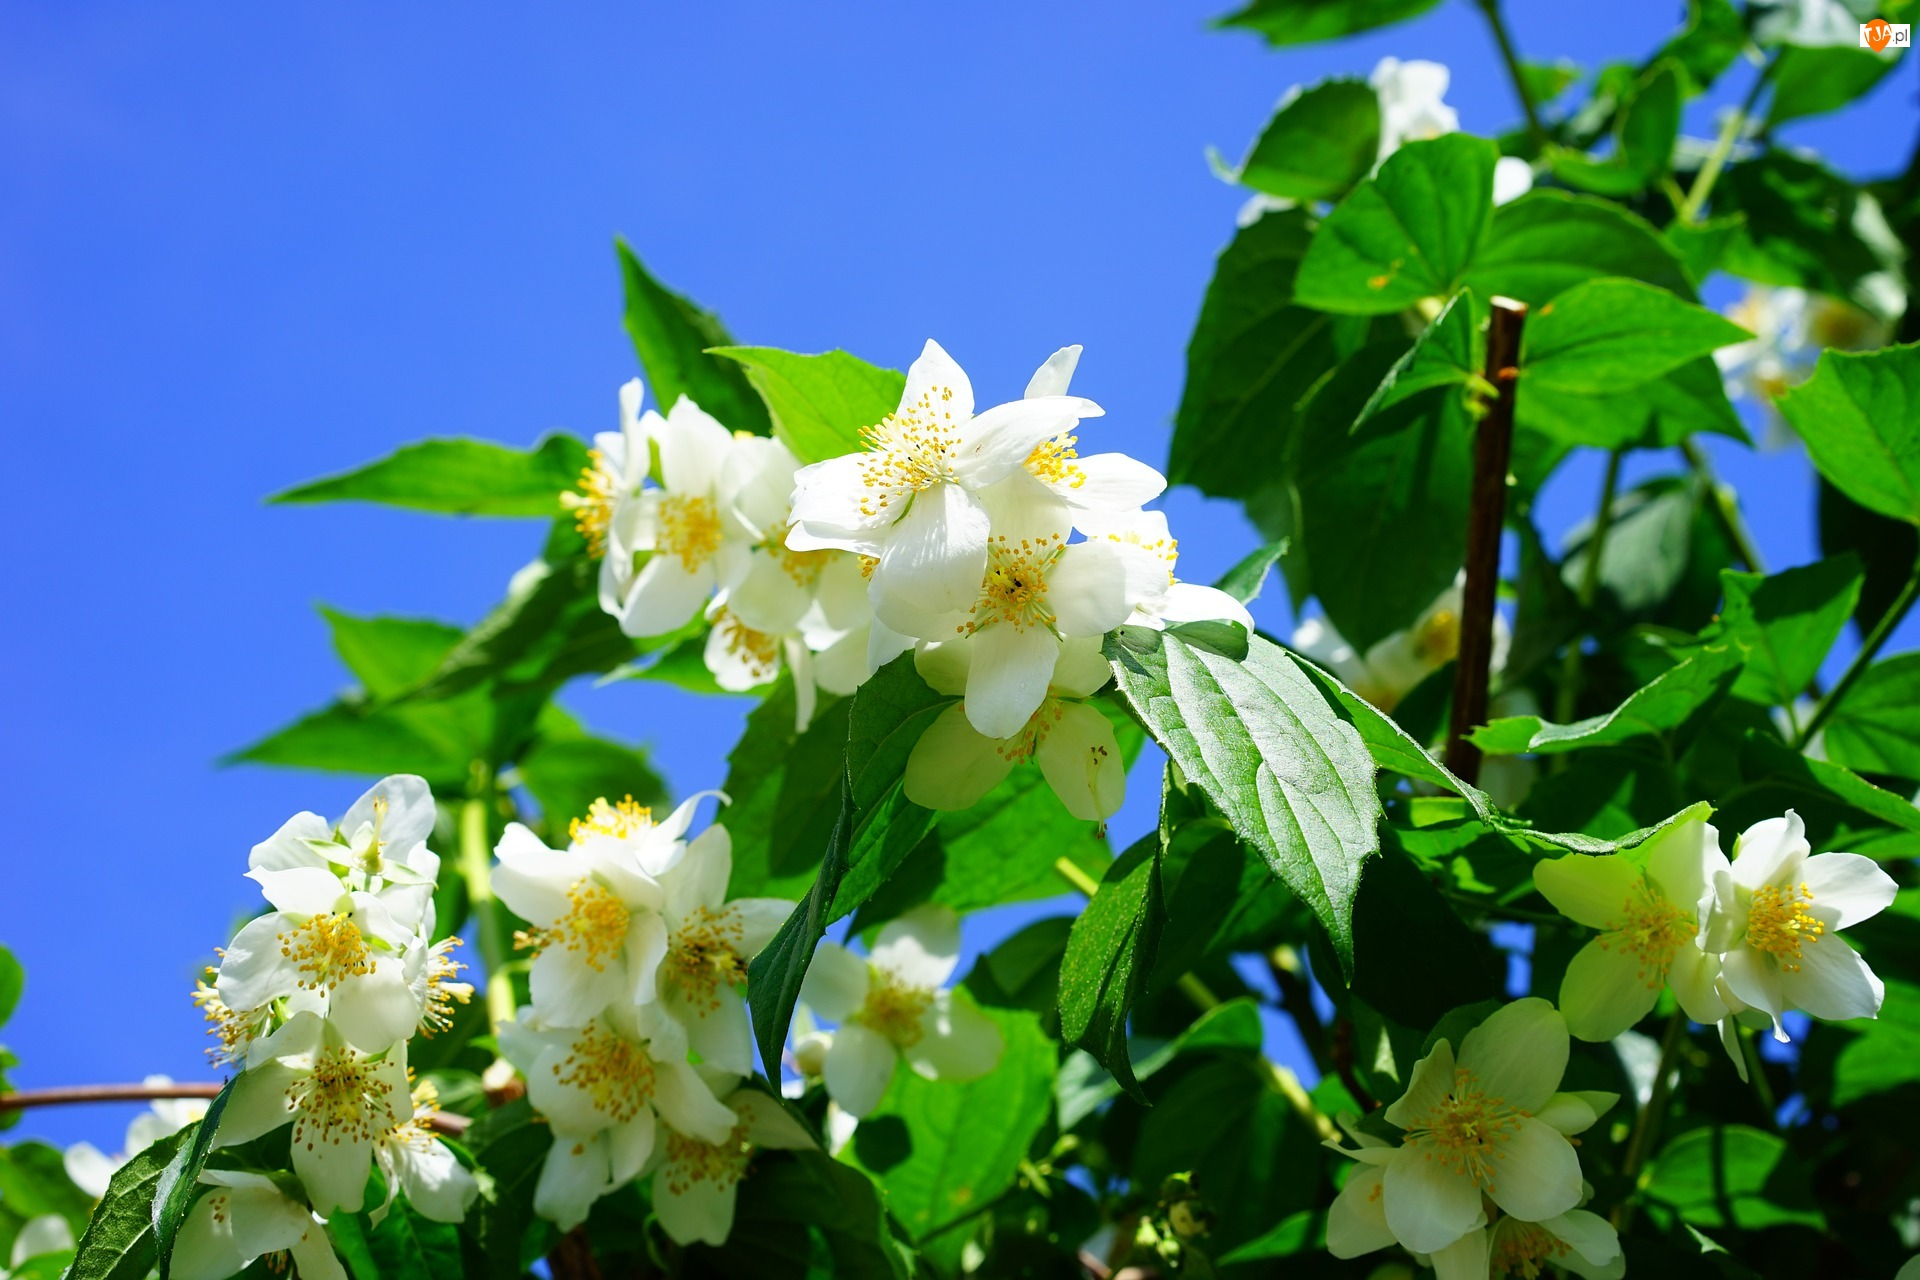 Liście, Niebo, Kwiaty, Drzewo, Jaśminowiec